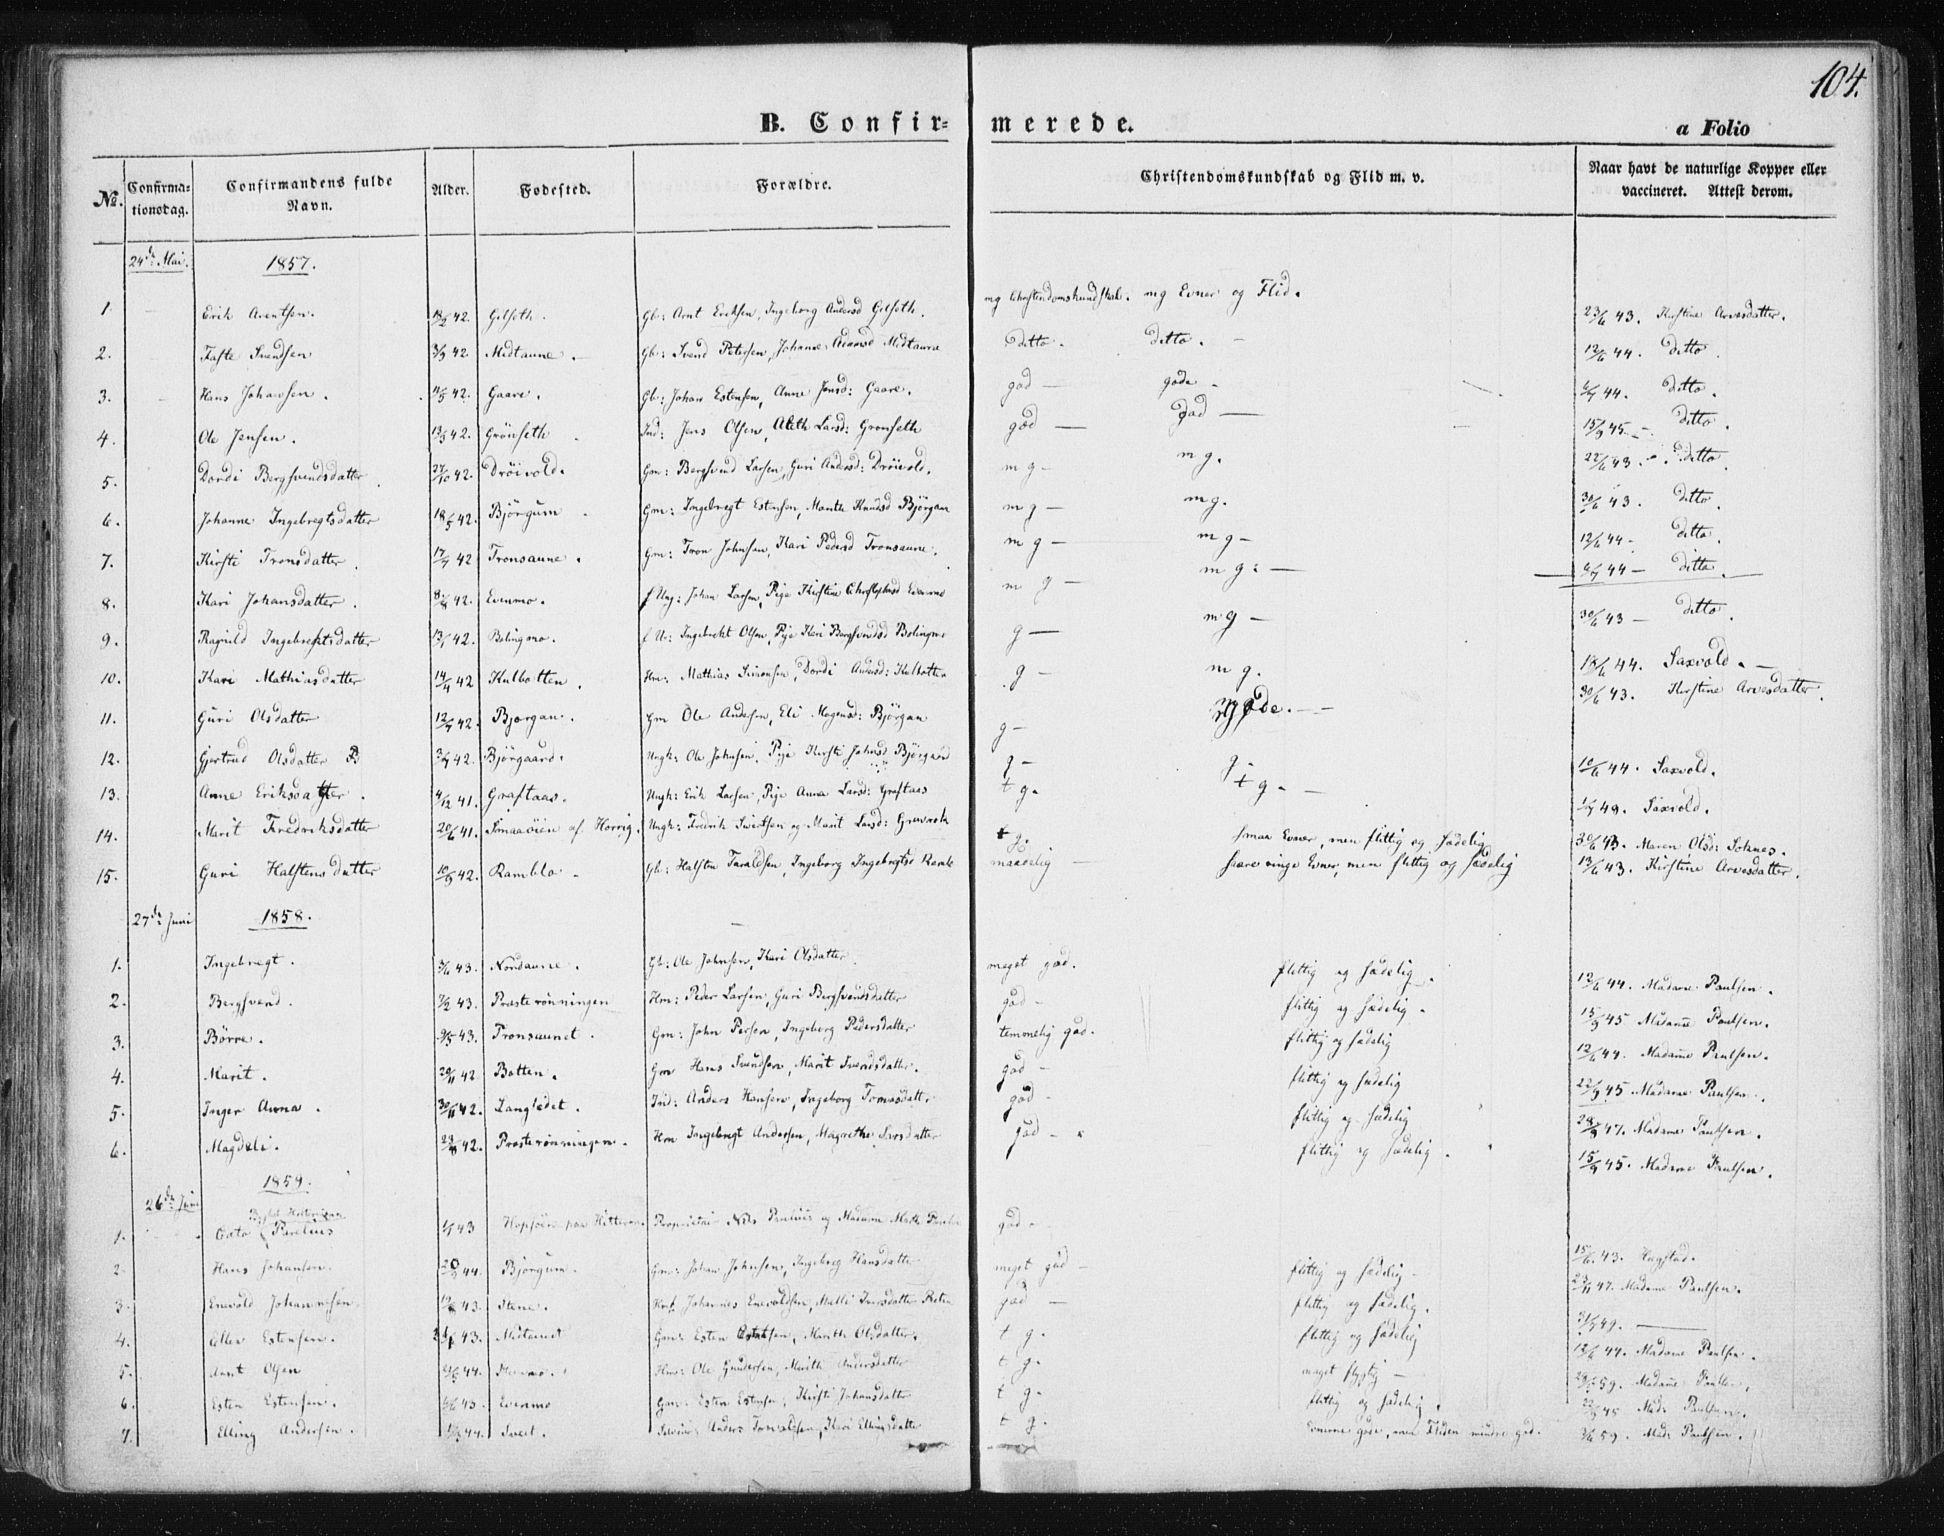 SAT, Ministerialprotokoller, klokkerbøker og fødselsregistre - Sør-Trøndelag, 685/L0963: Ministerialbok nr. 685A06 /1, 1846-1859, s. 104